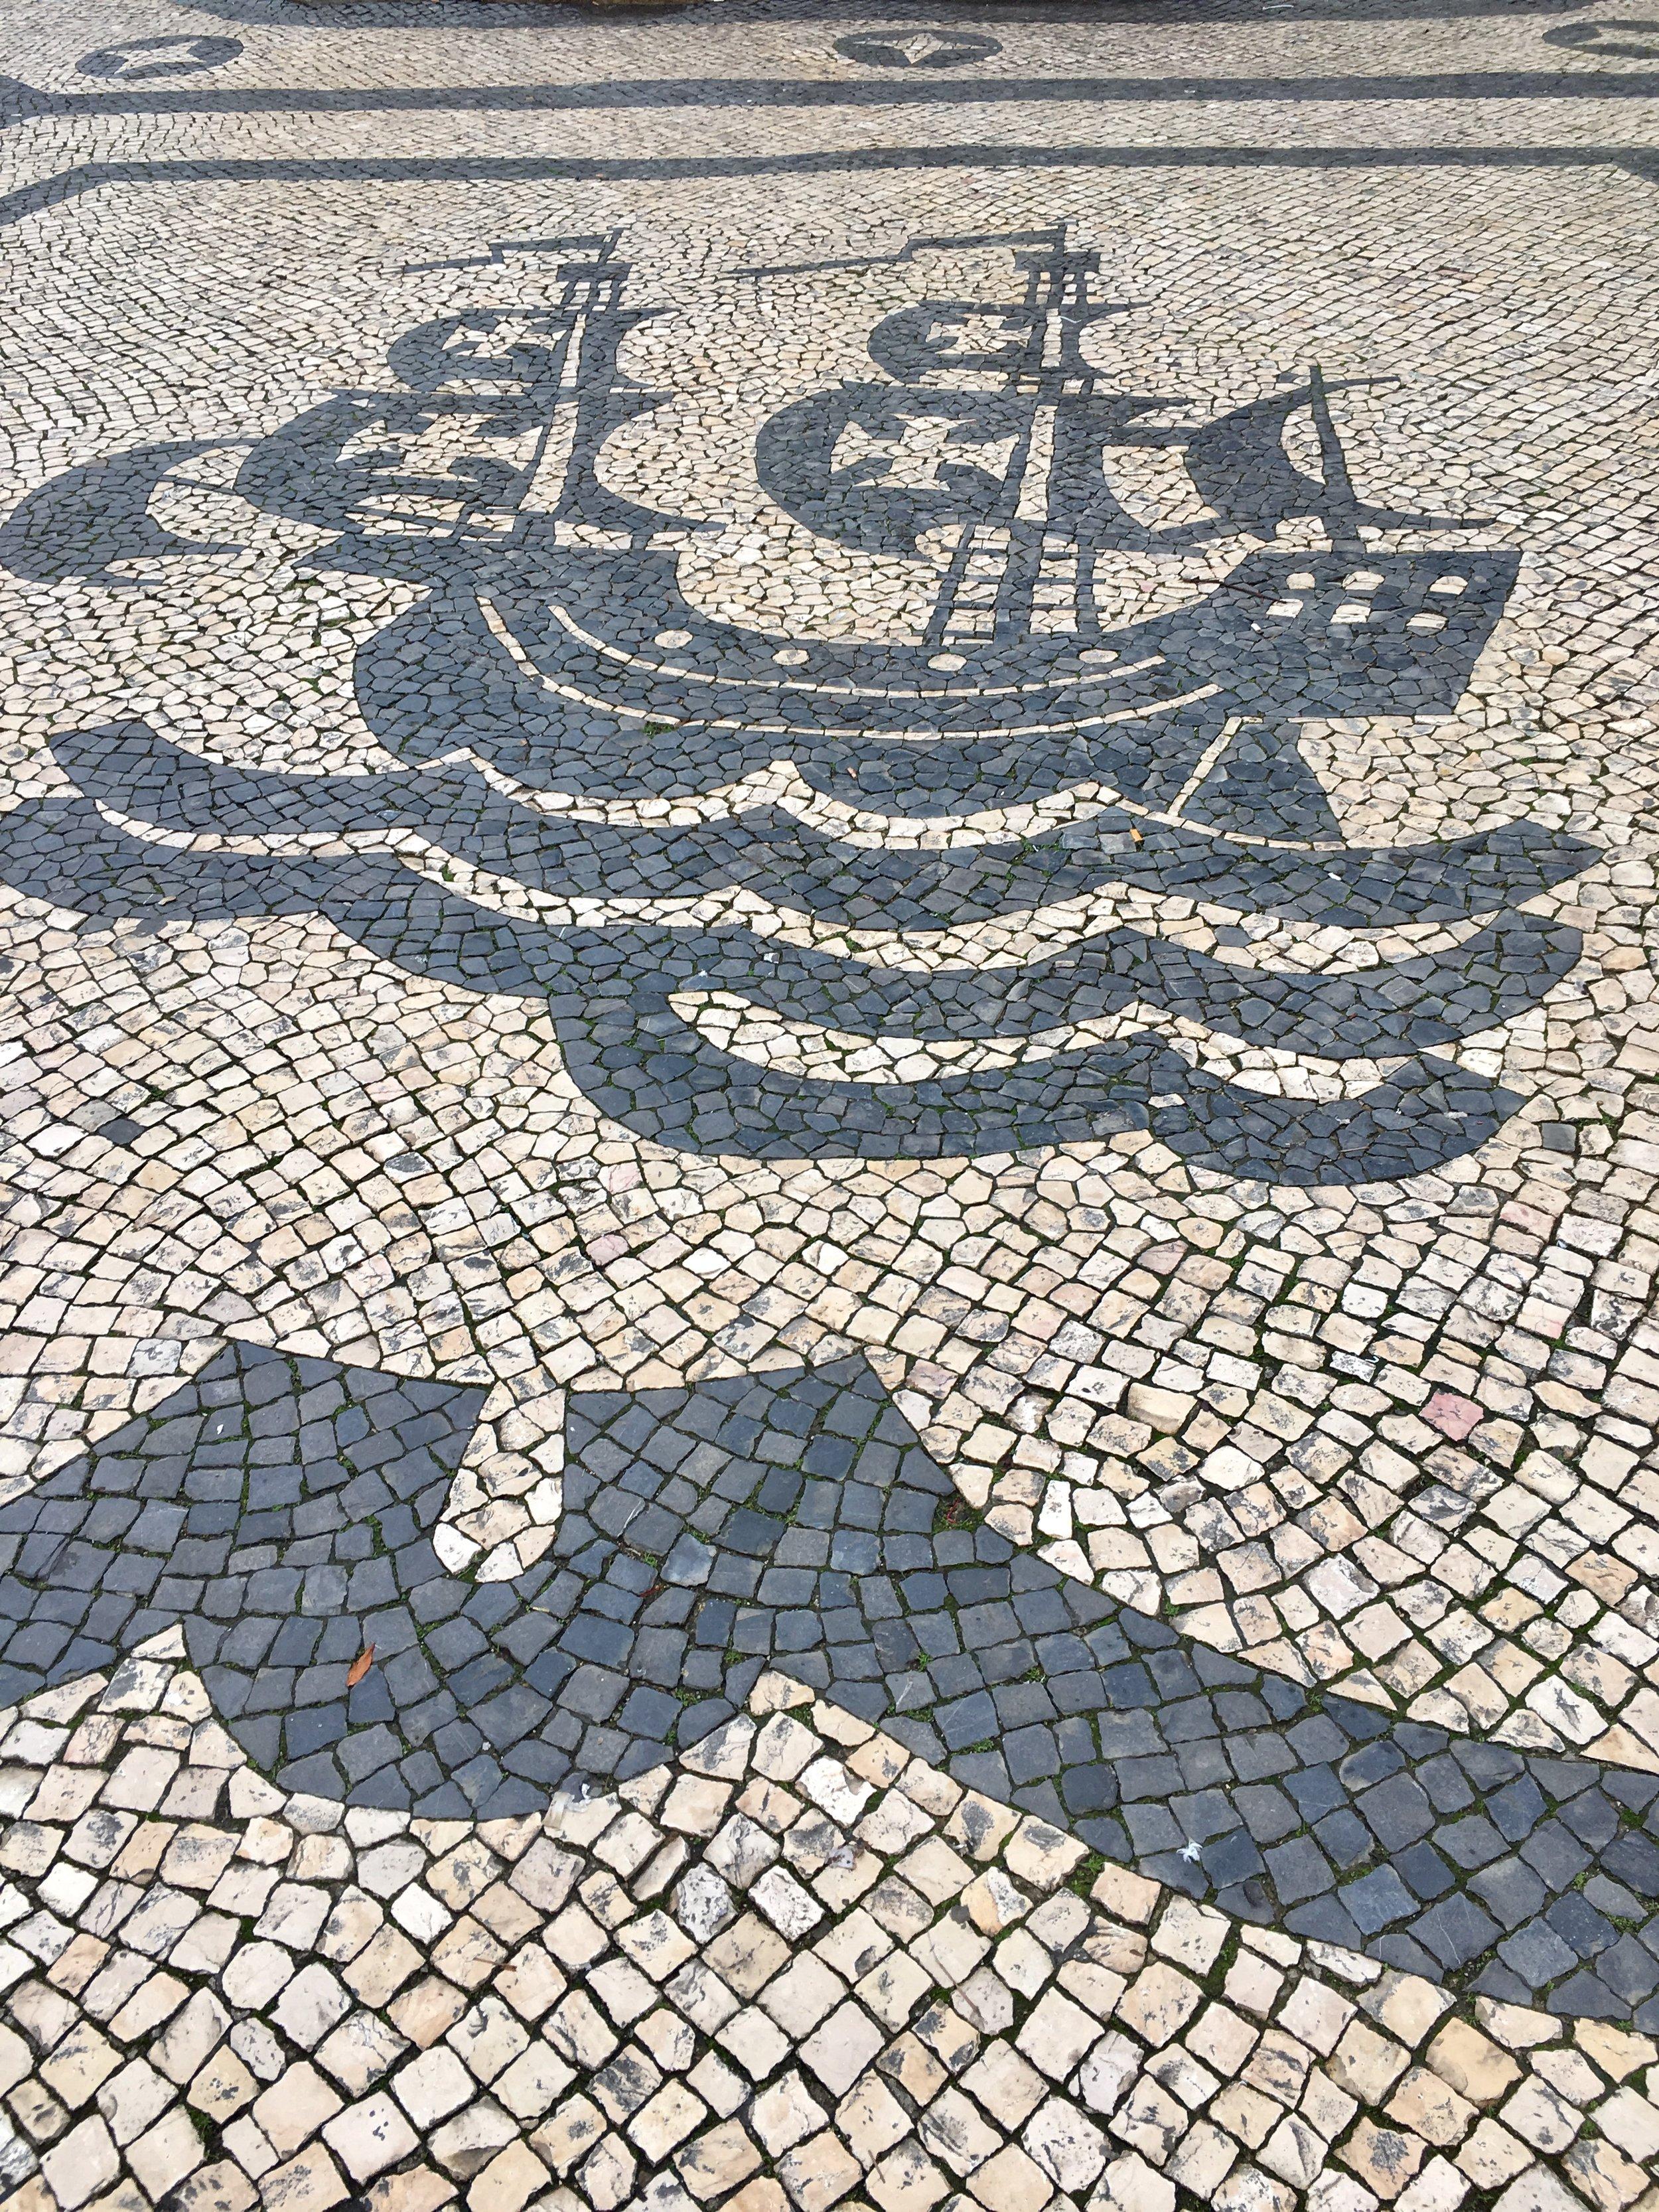 Pavement in Luis de Camoes square. Lisbon, Portugal. (Photograph J. Cook)